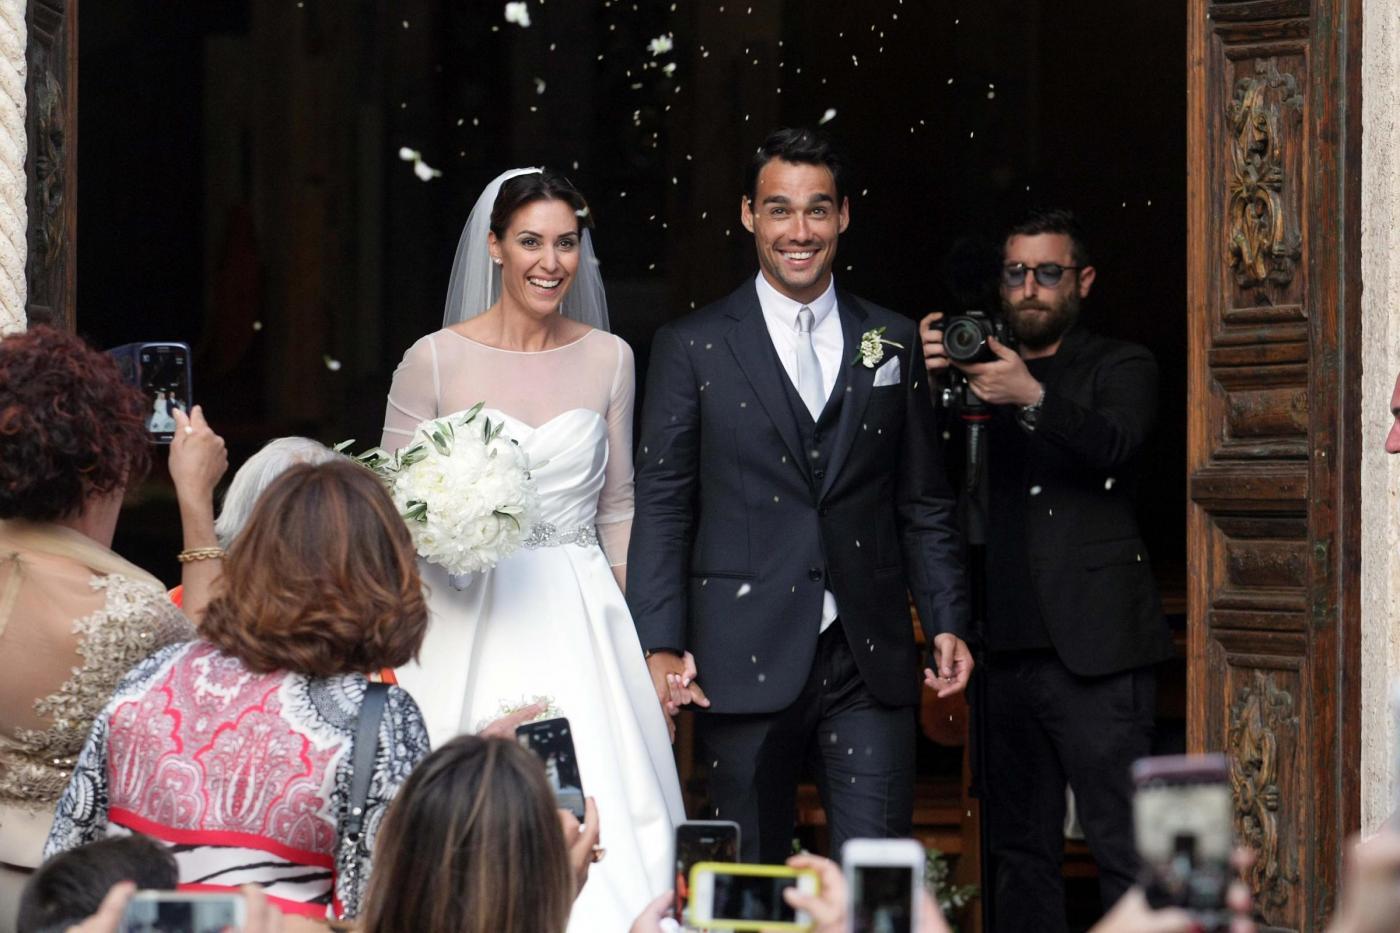 Flavia Pennetta e Fabio Fognini sposi, il matrimonio celebrato ad Ostuni